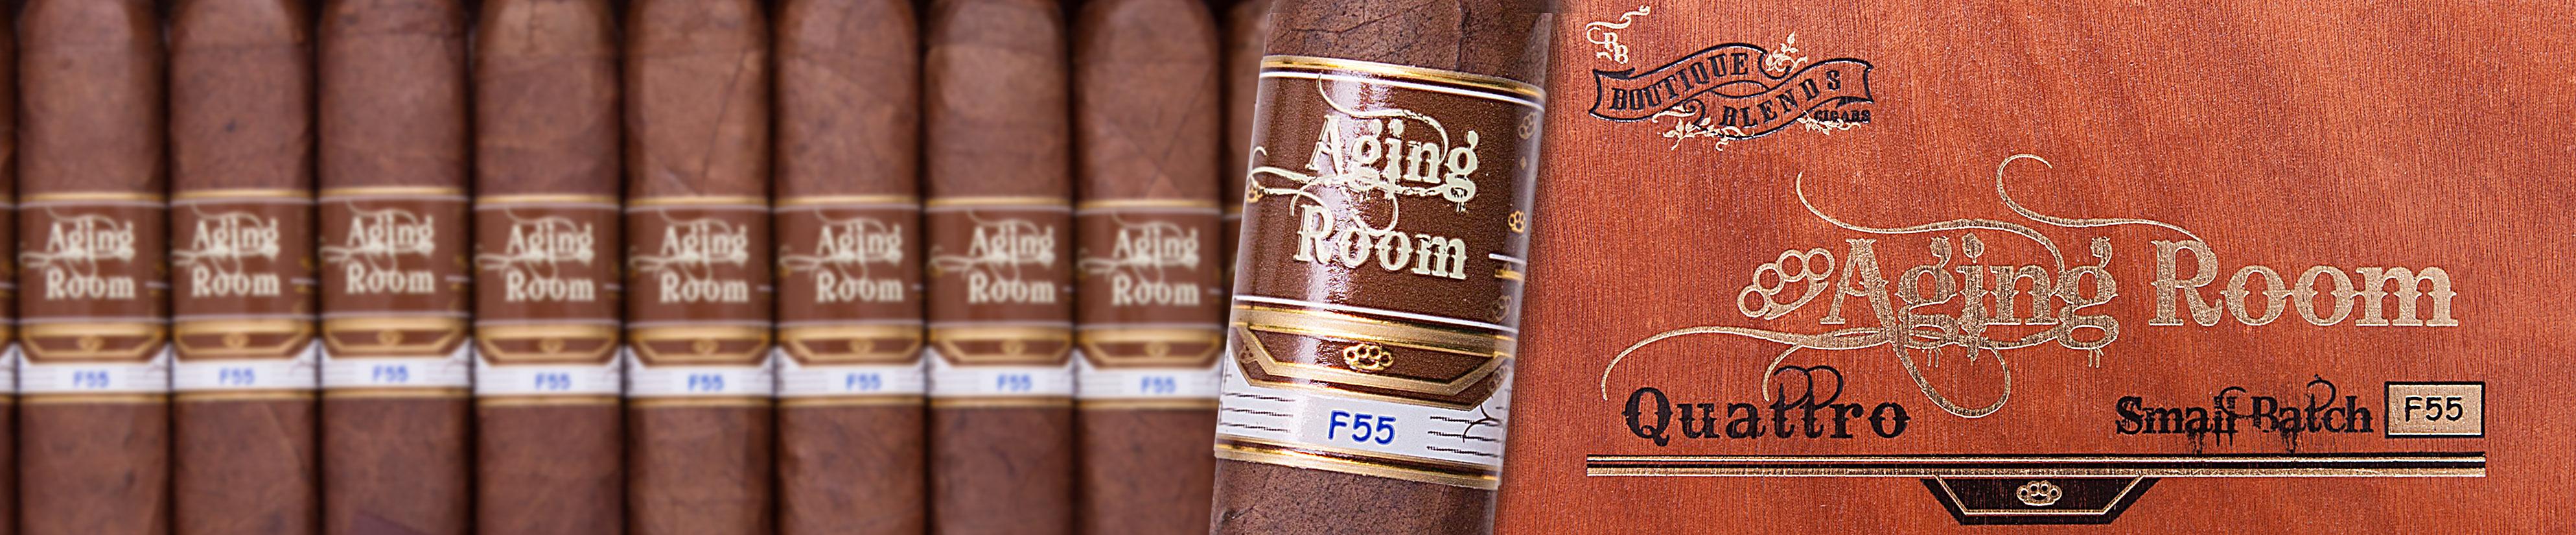 Aging Room Quattro F55